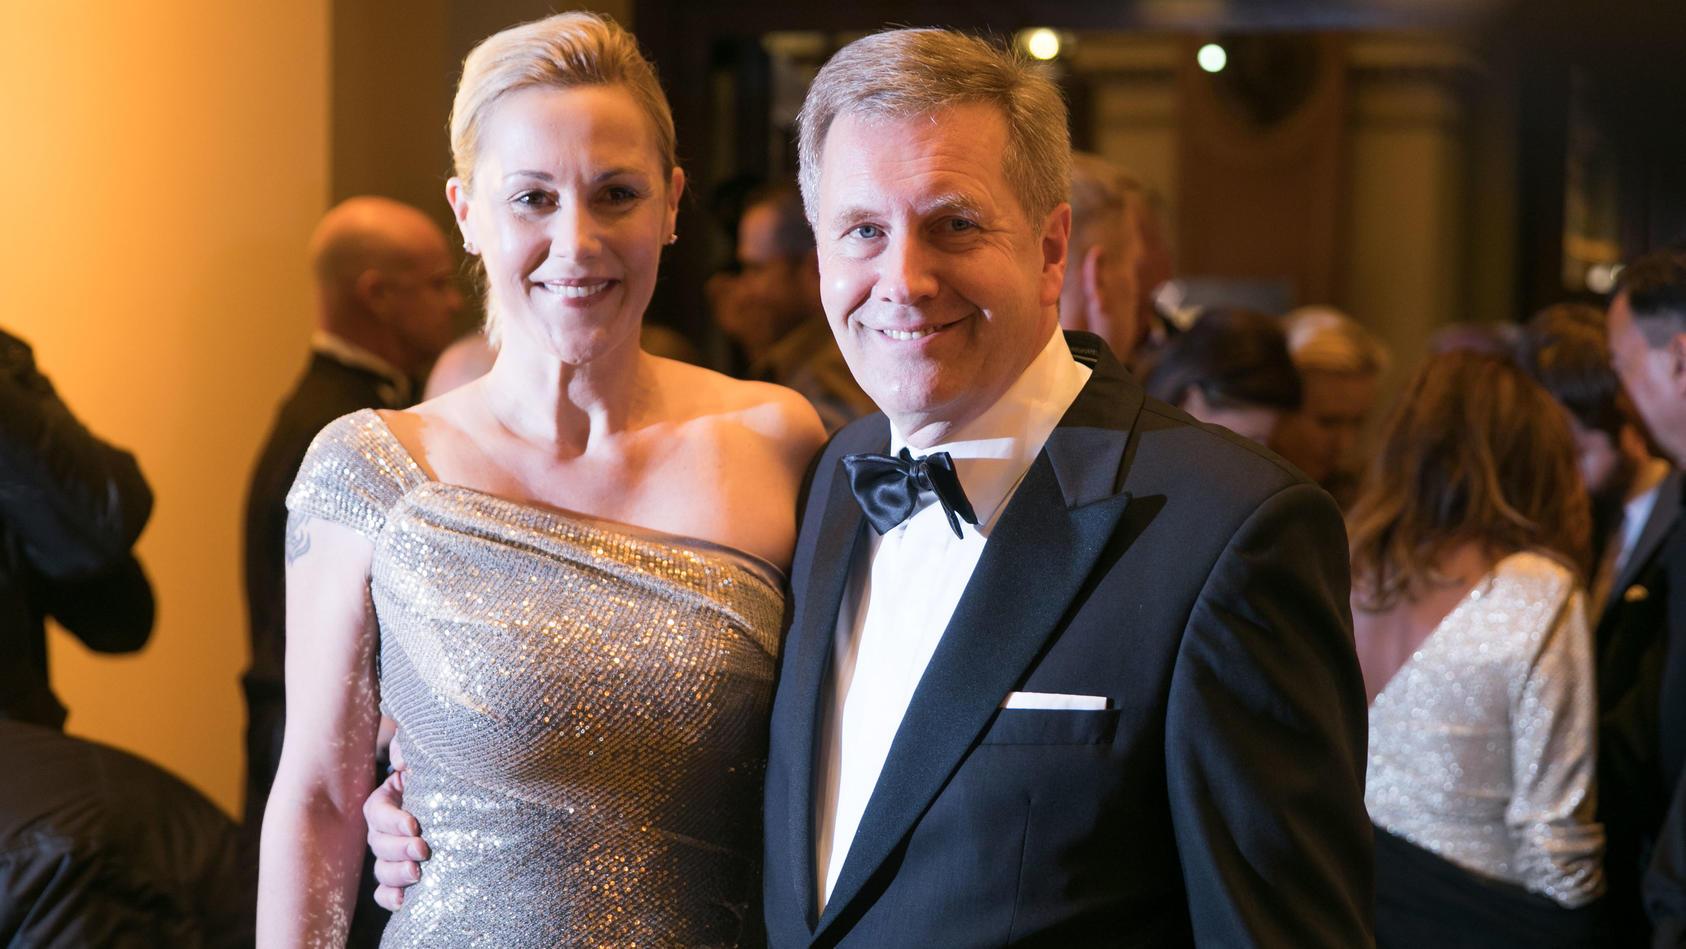 Bettina und Christian Wulff geben ihrer Liebe eine dritte Chance. Kann das wirklich funktionieren?